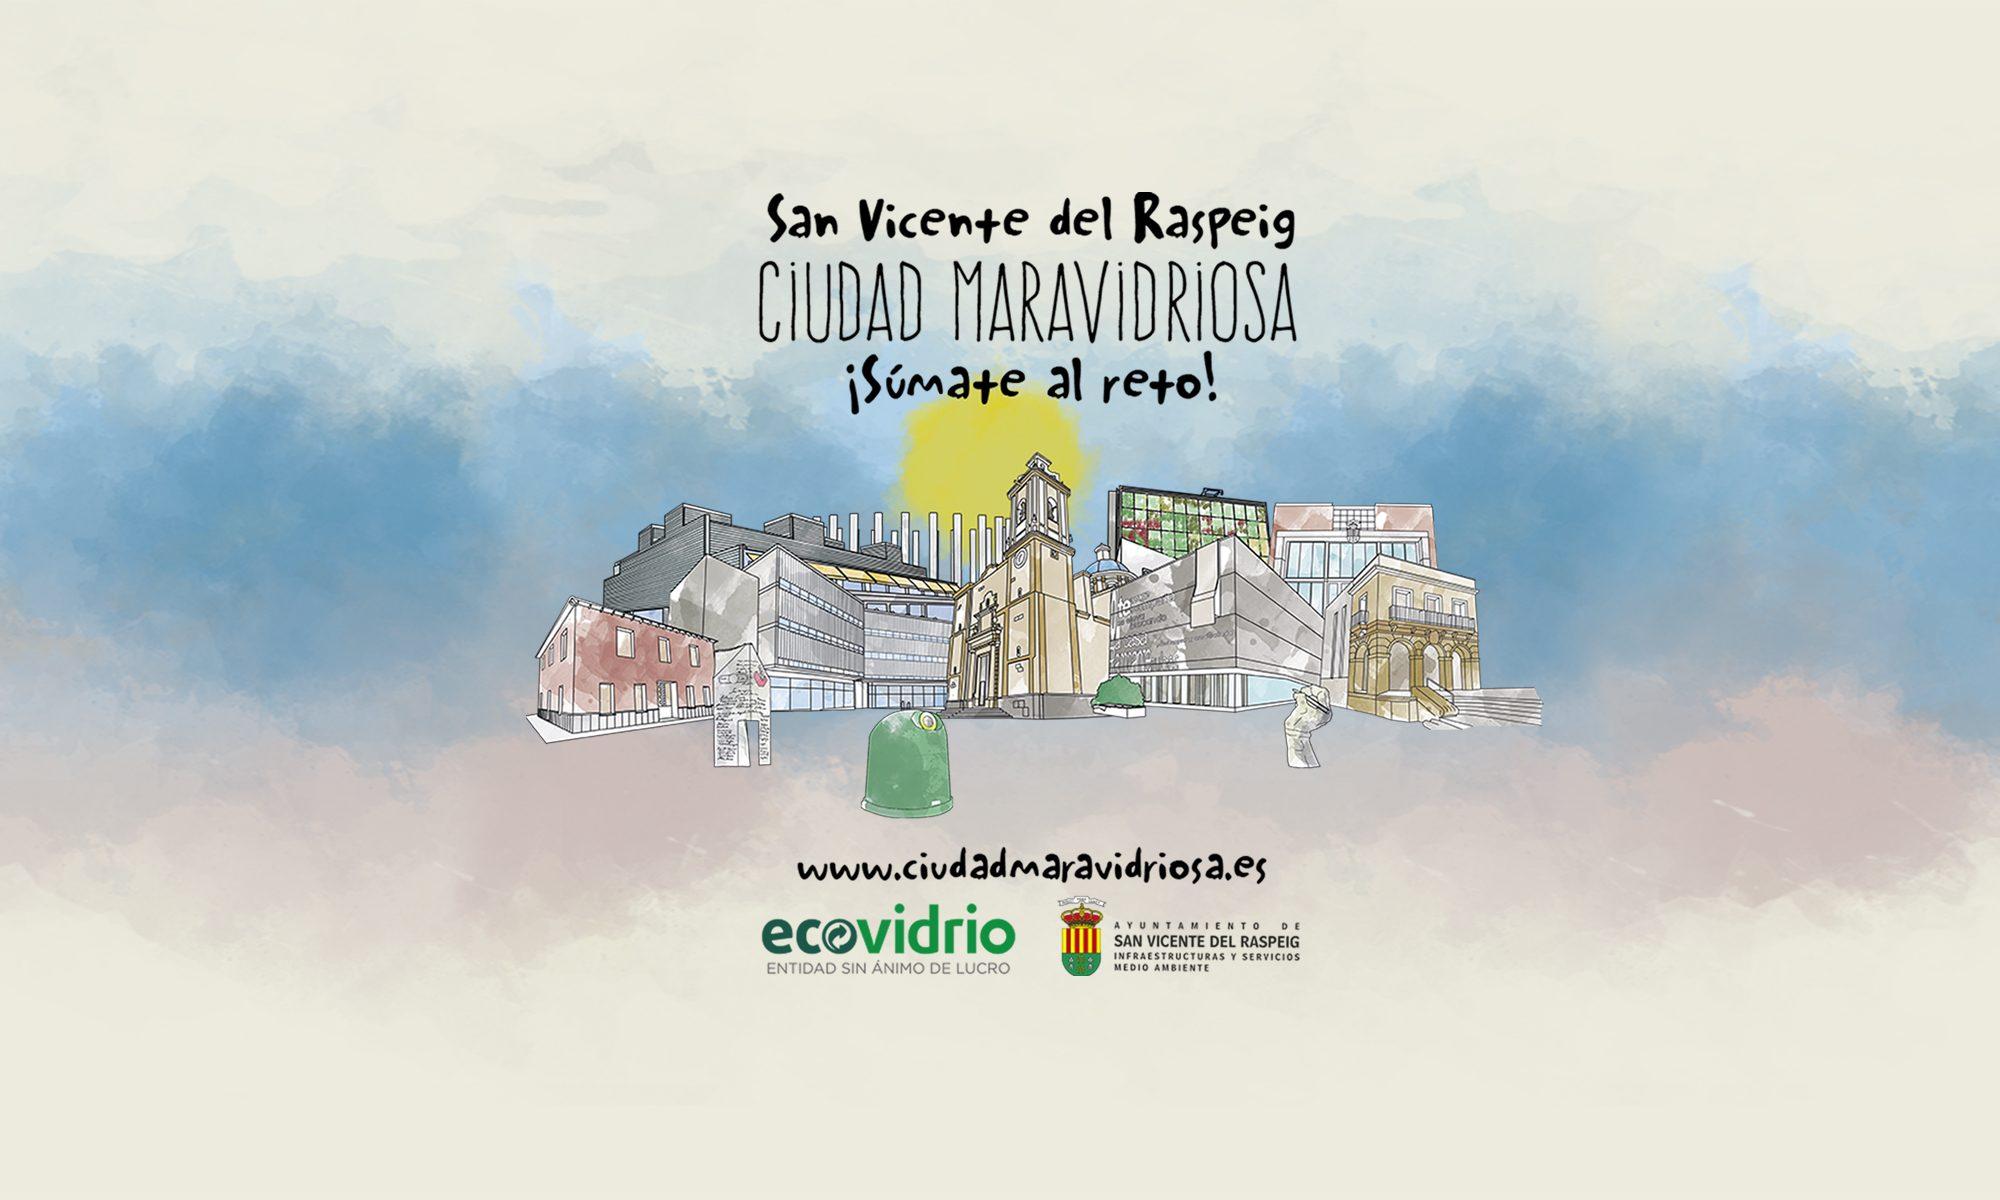 San Vicente - Ciudad Maravidriosa